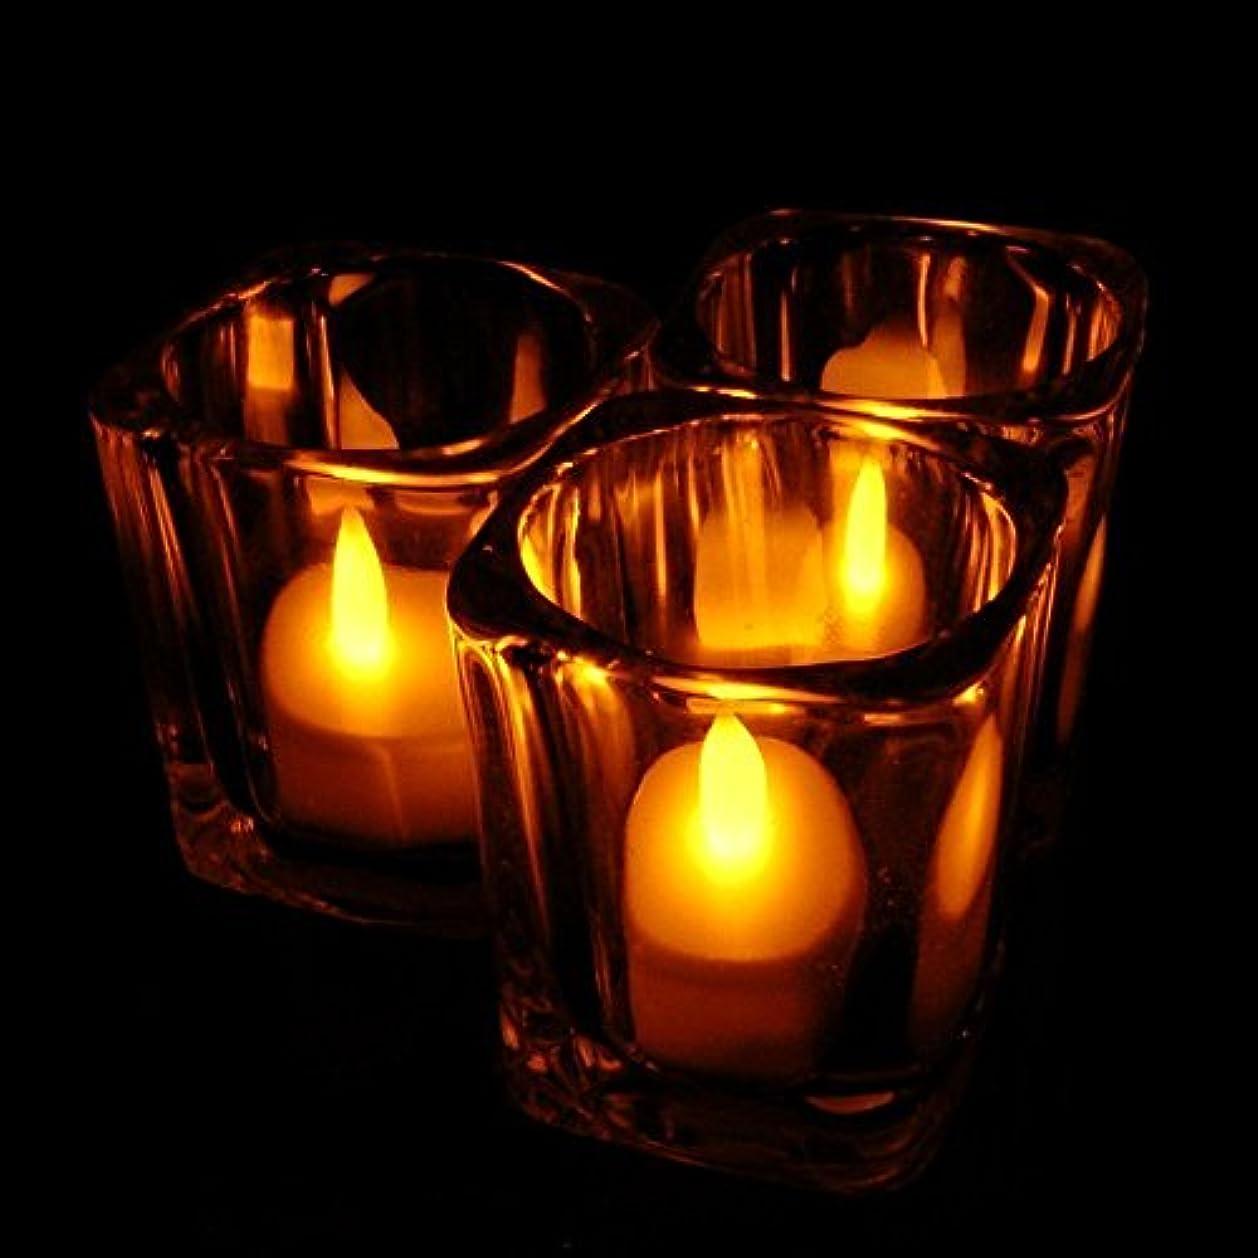 うなり声ポーター平凡ホット24ピースledティーライトキャンドルhouseholed velas ledバッテリ駆動フレームレスキャンドル教会とホームdecoartionと照明